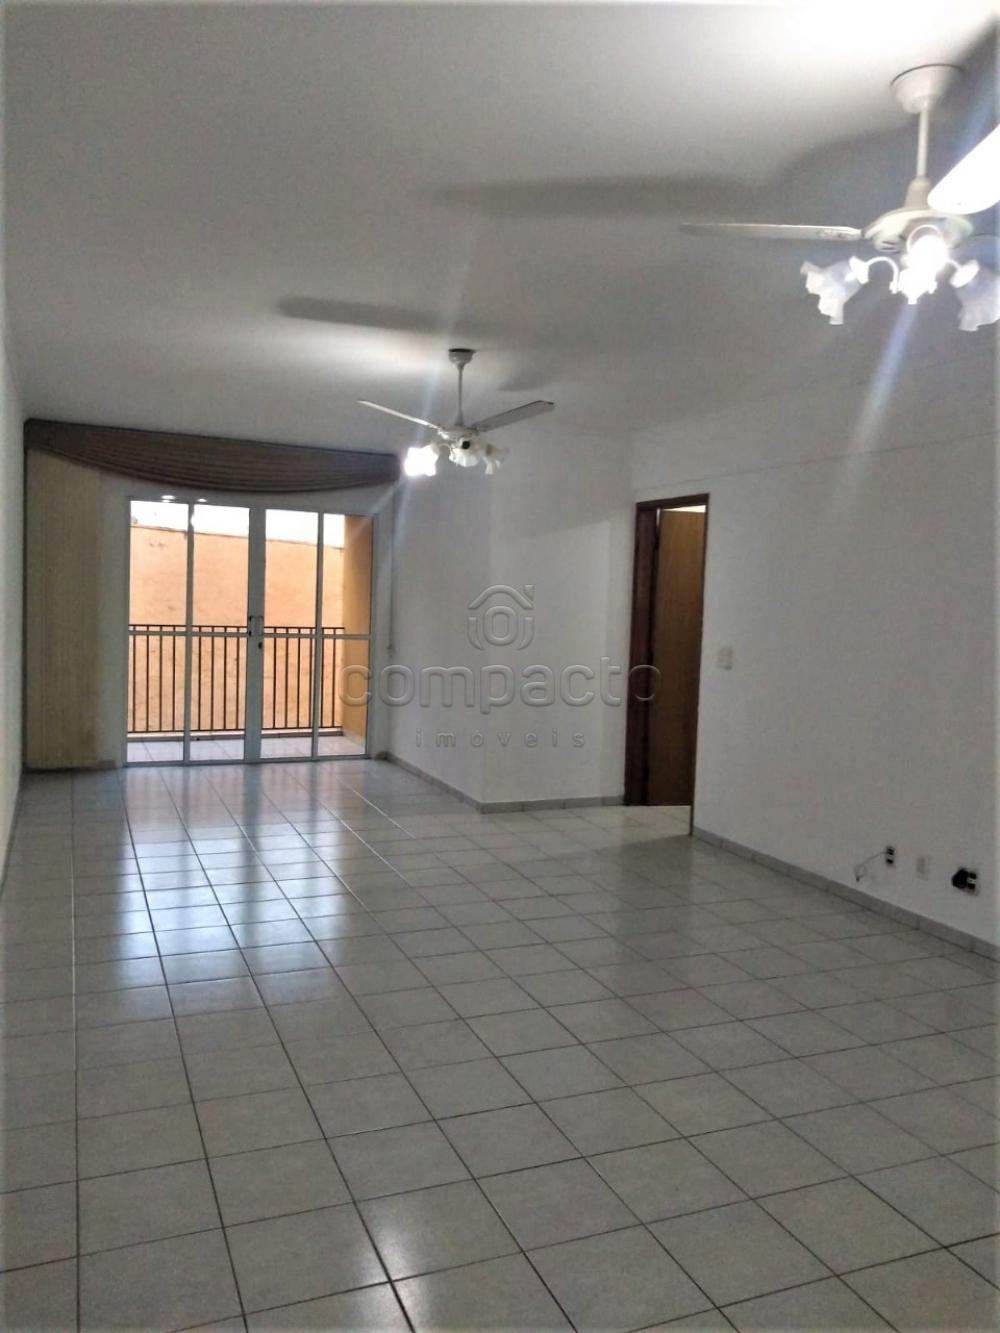 Alugar Apartamento / Padrão em São José do Rio Preto R$ 1.600,00 - Foto 1